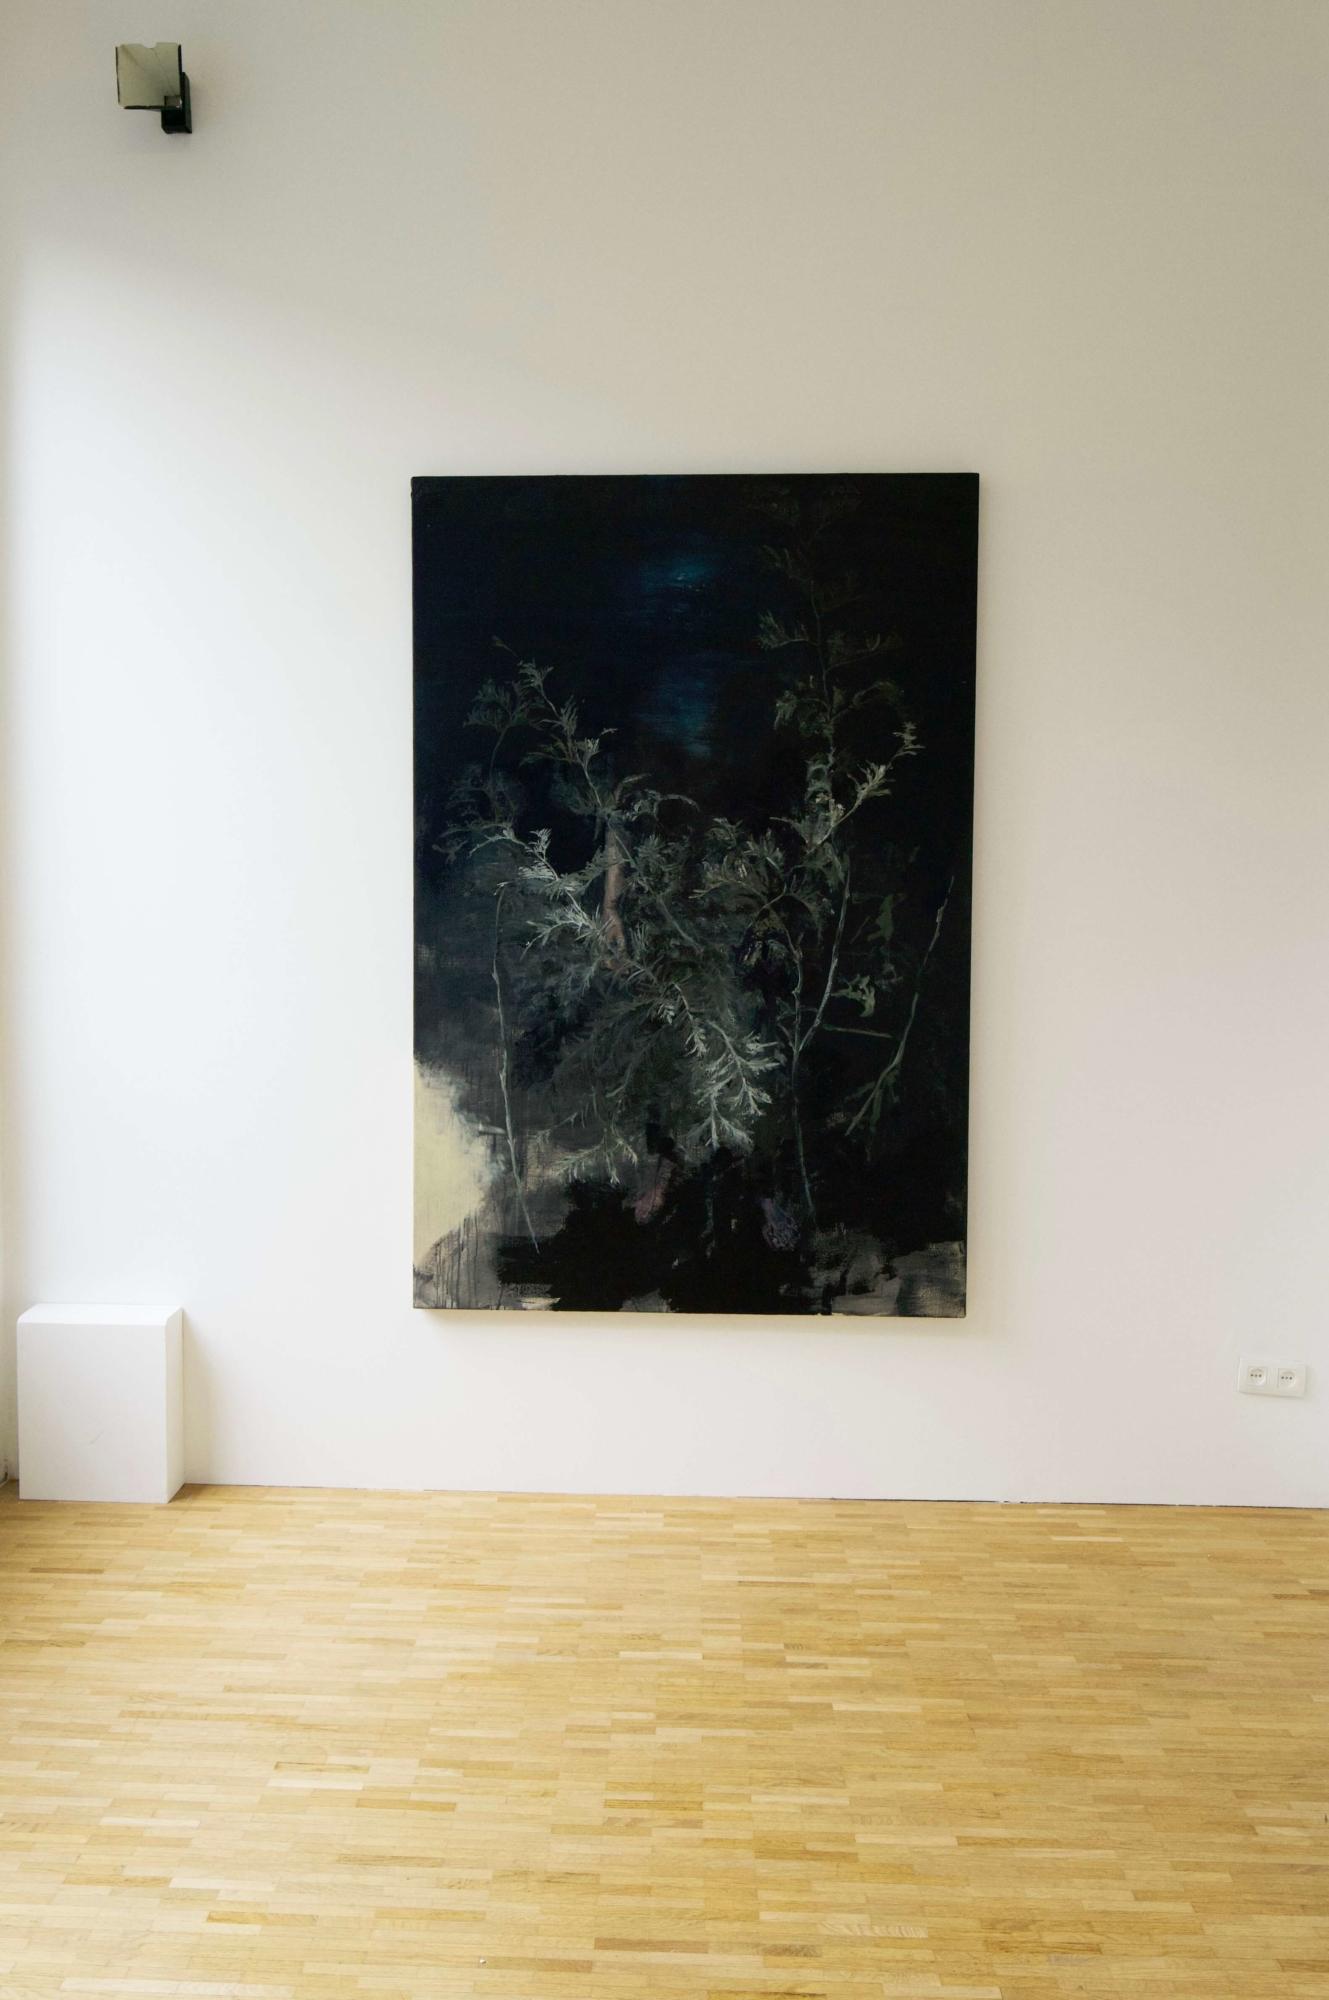 joris vanpoucke, dmw gallery, the knight has fallen